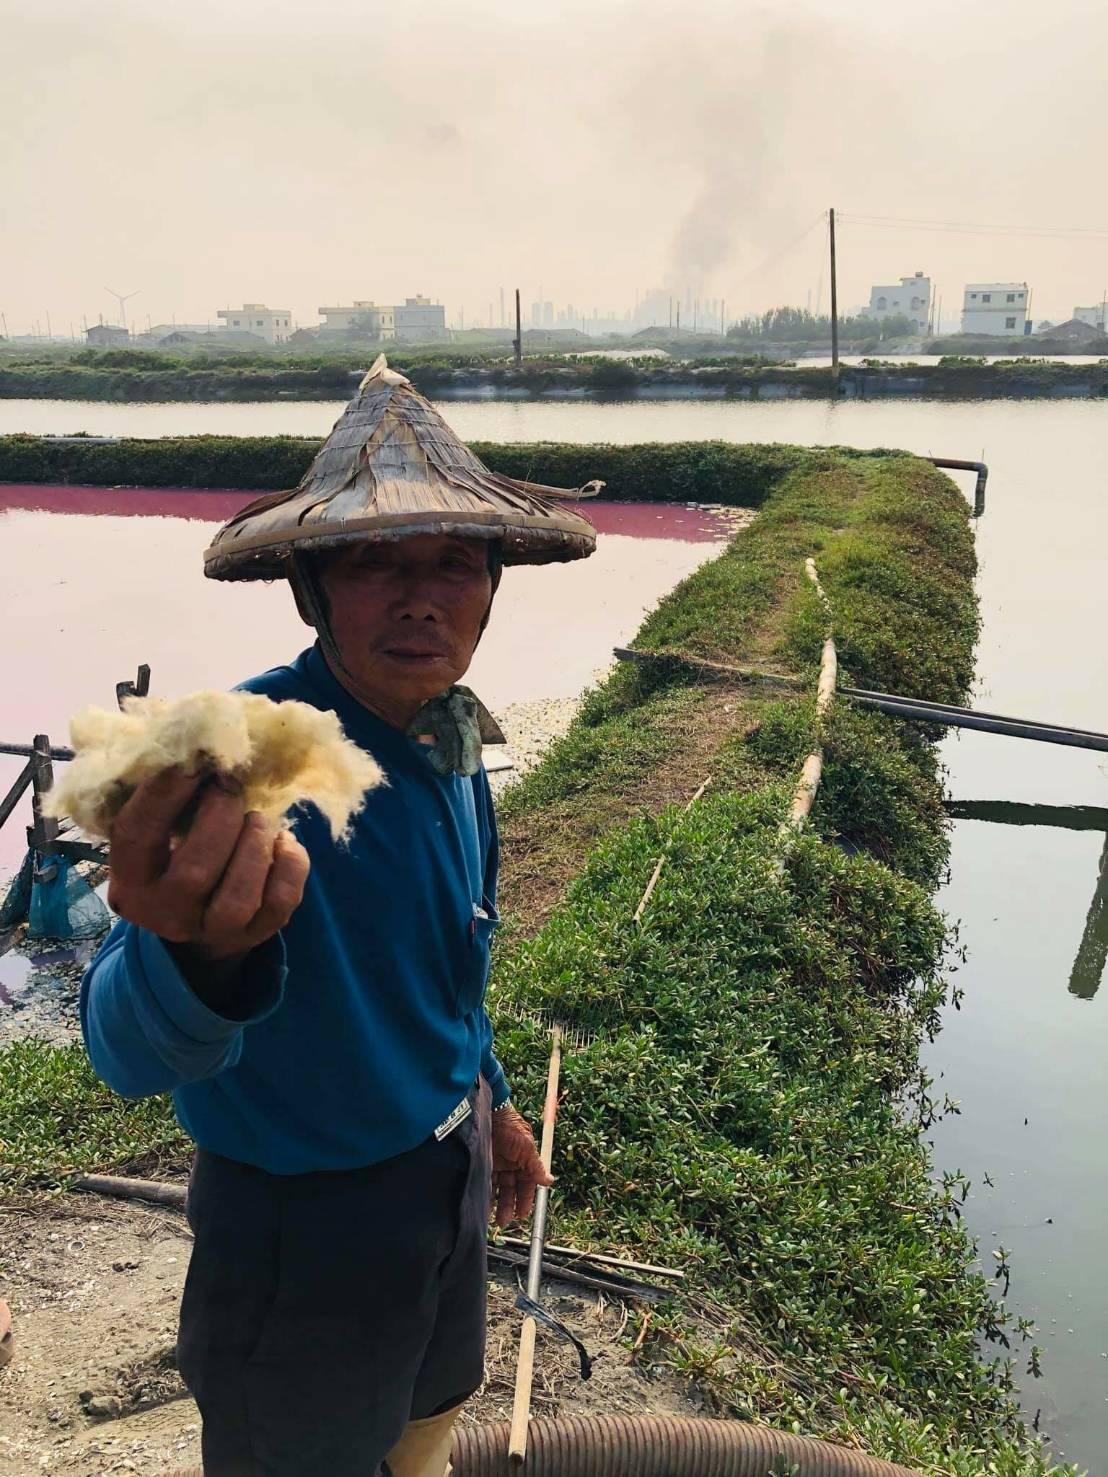 六輕氣爆距一、兩公里的魚塭散落大批管線組件殘骸和泡棉,養殖業者對爆炸威力之大也感...